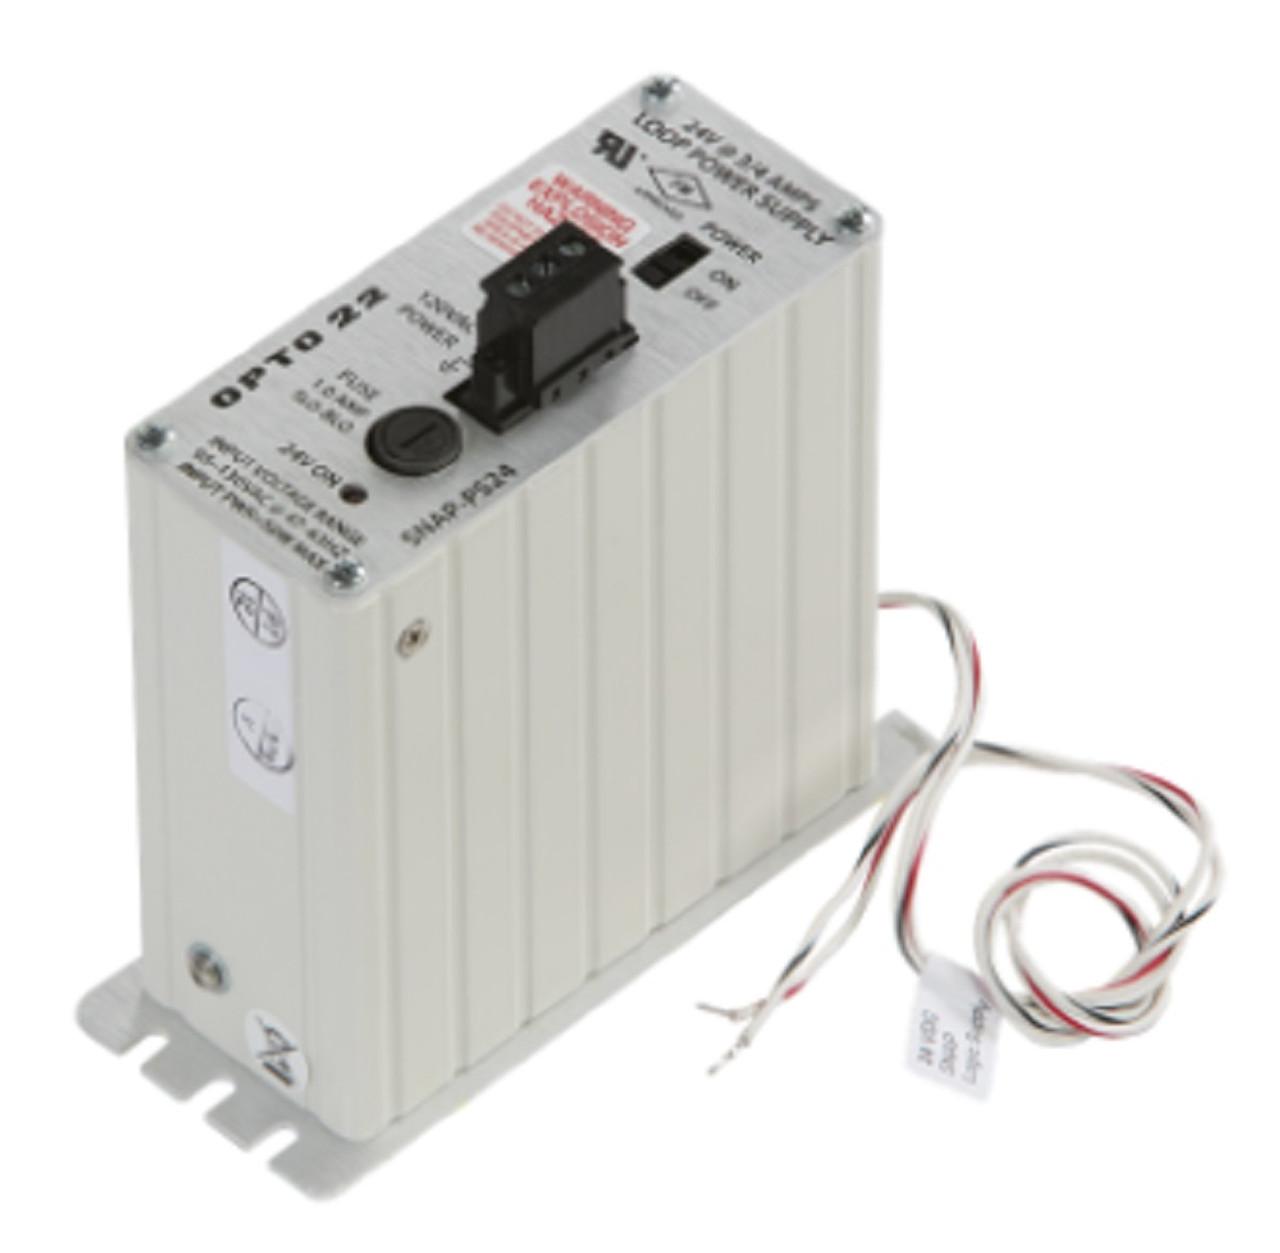 Opto 22 SNAP-PS24 SNAP Power Supply, 110 VAC to 24 VDC